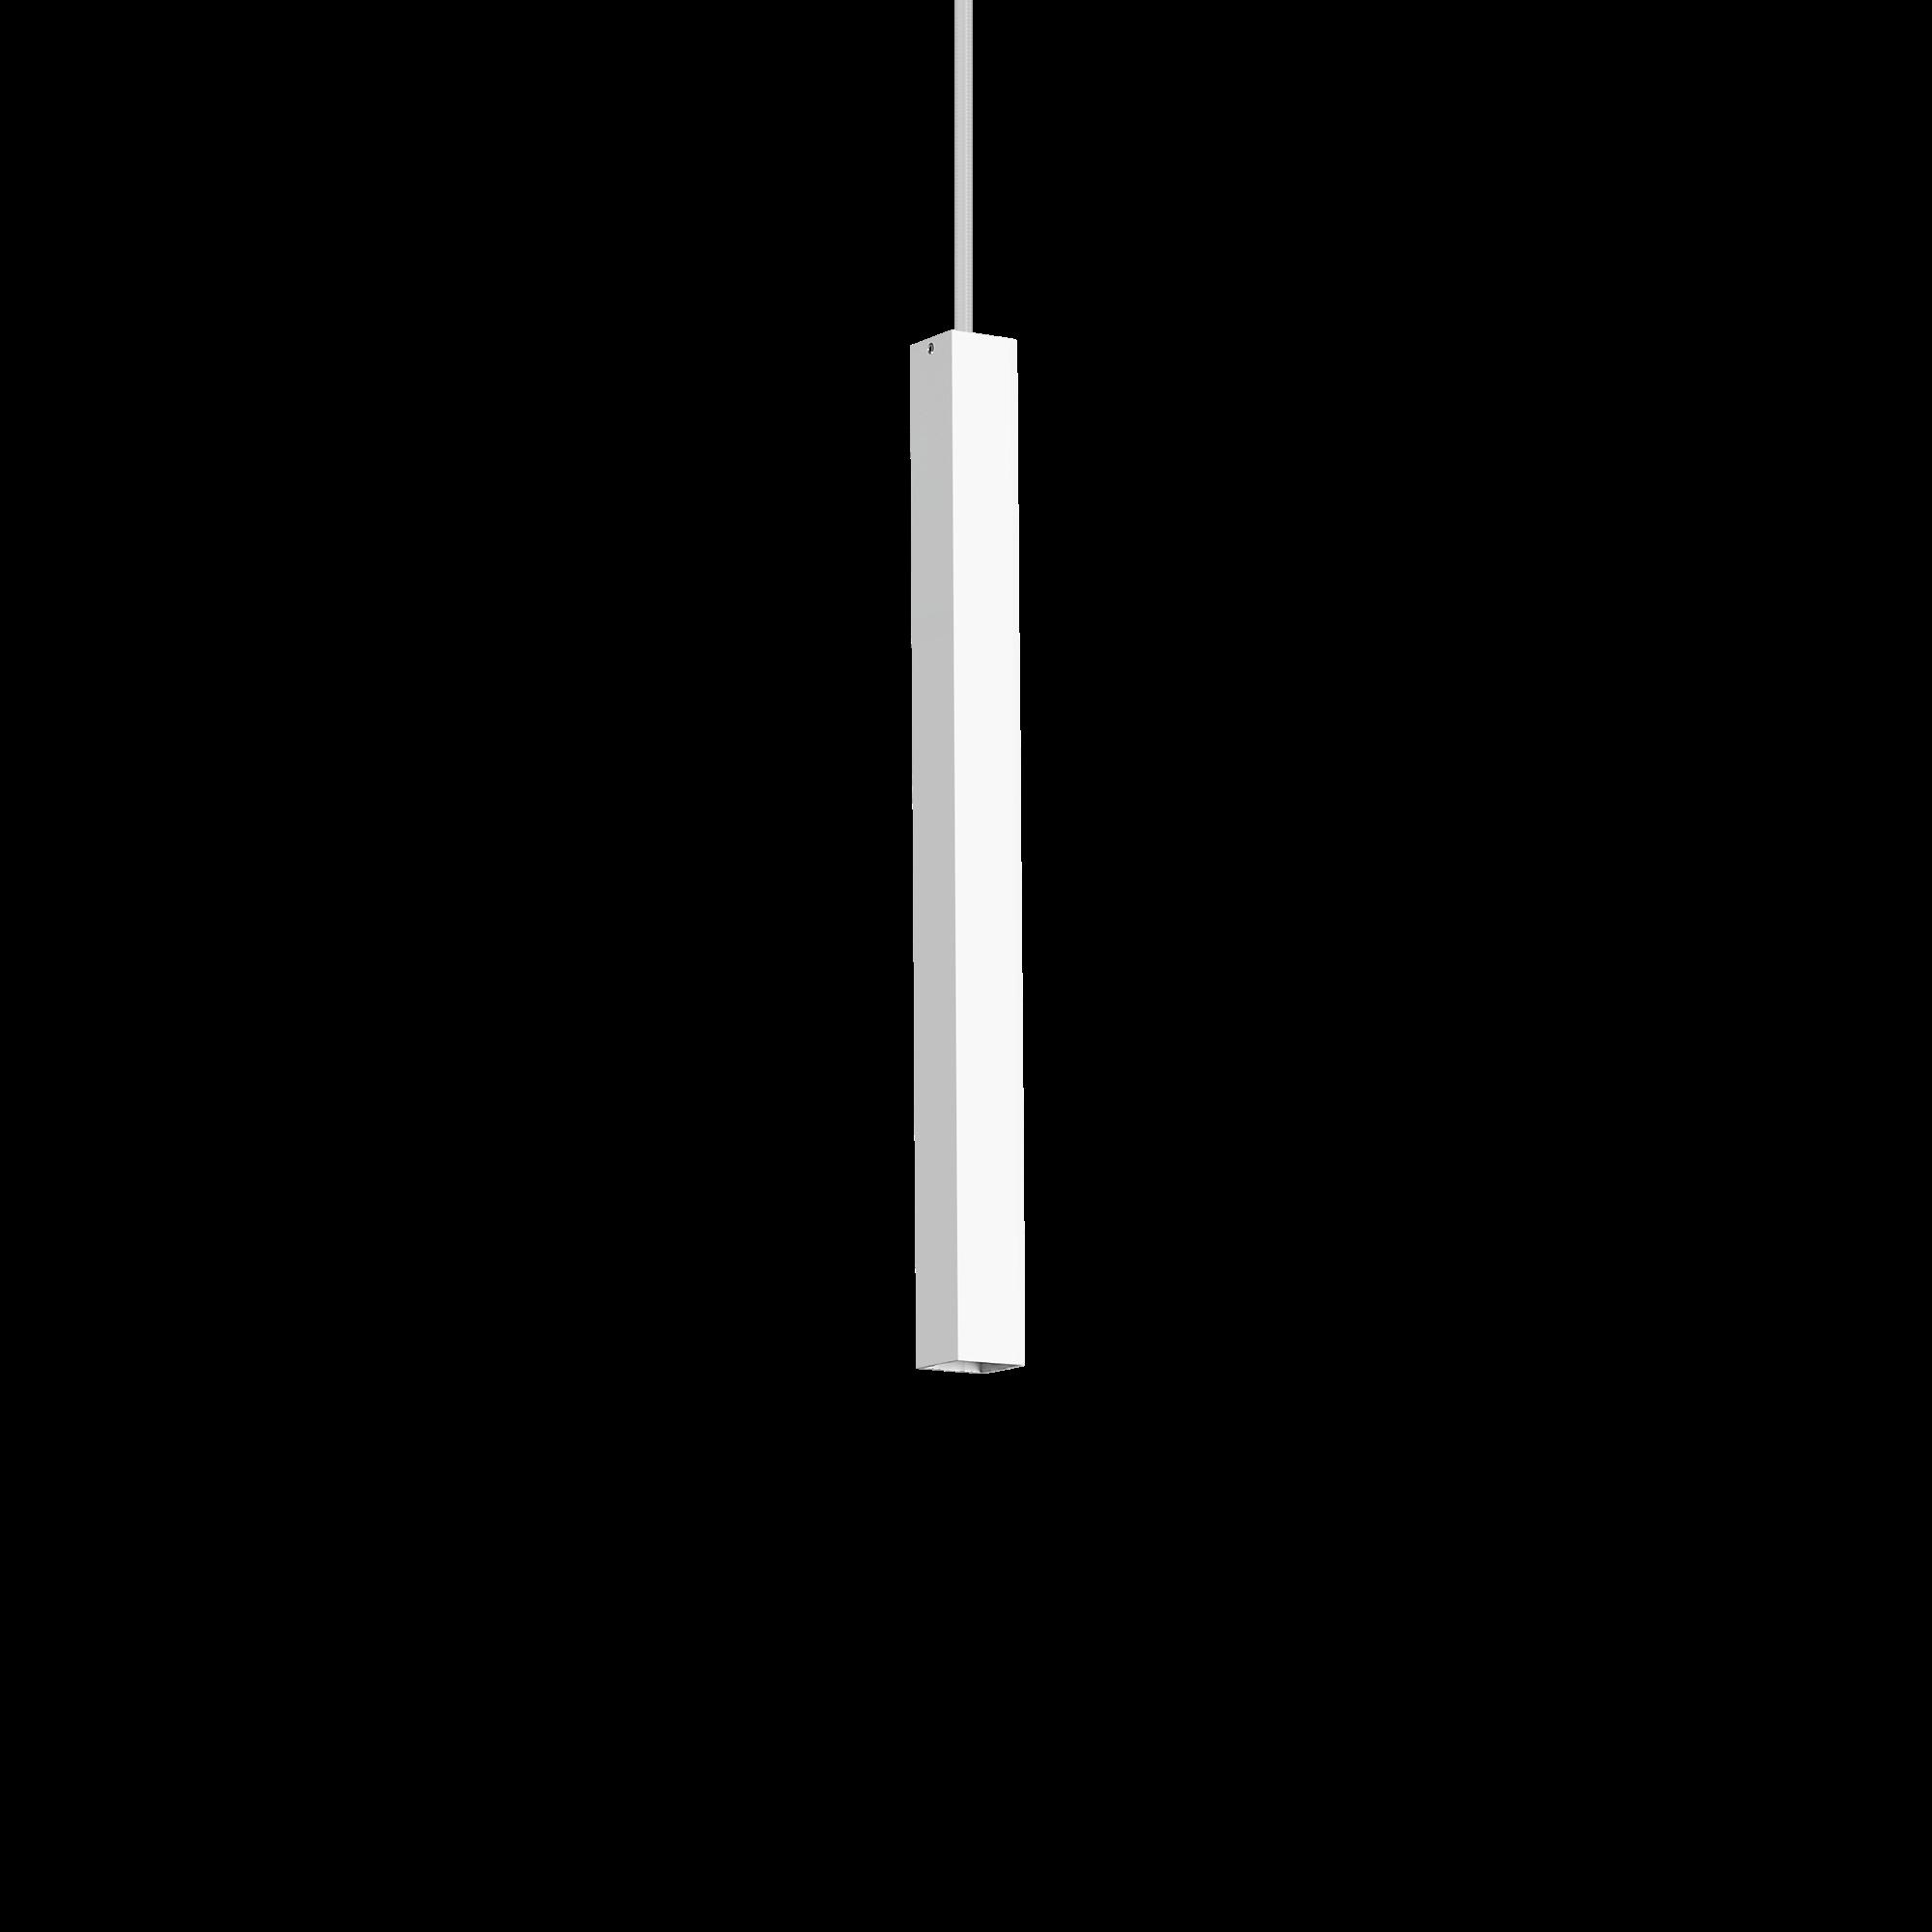 Подвесной светодиодный светильник Ideal Lux ULTRATHIN D040 SQUARE BIANCO 194189 (ULTRATHIN SP1 SMALL SQUARE BIANCO), LED 12W 3000K 760lm, белый, металл - фото 1